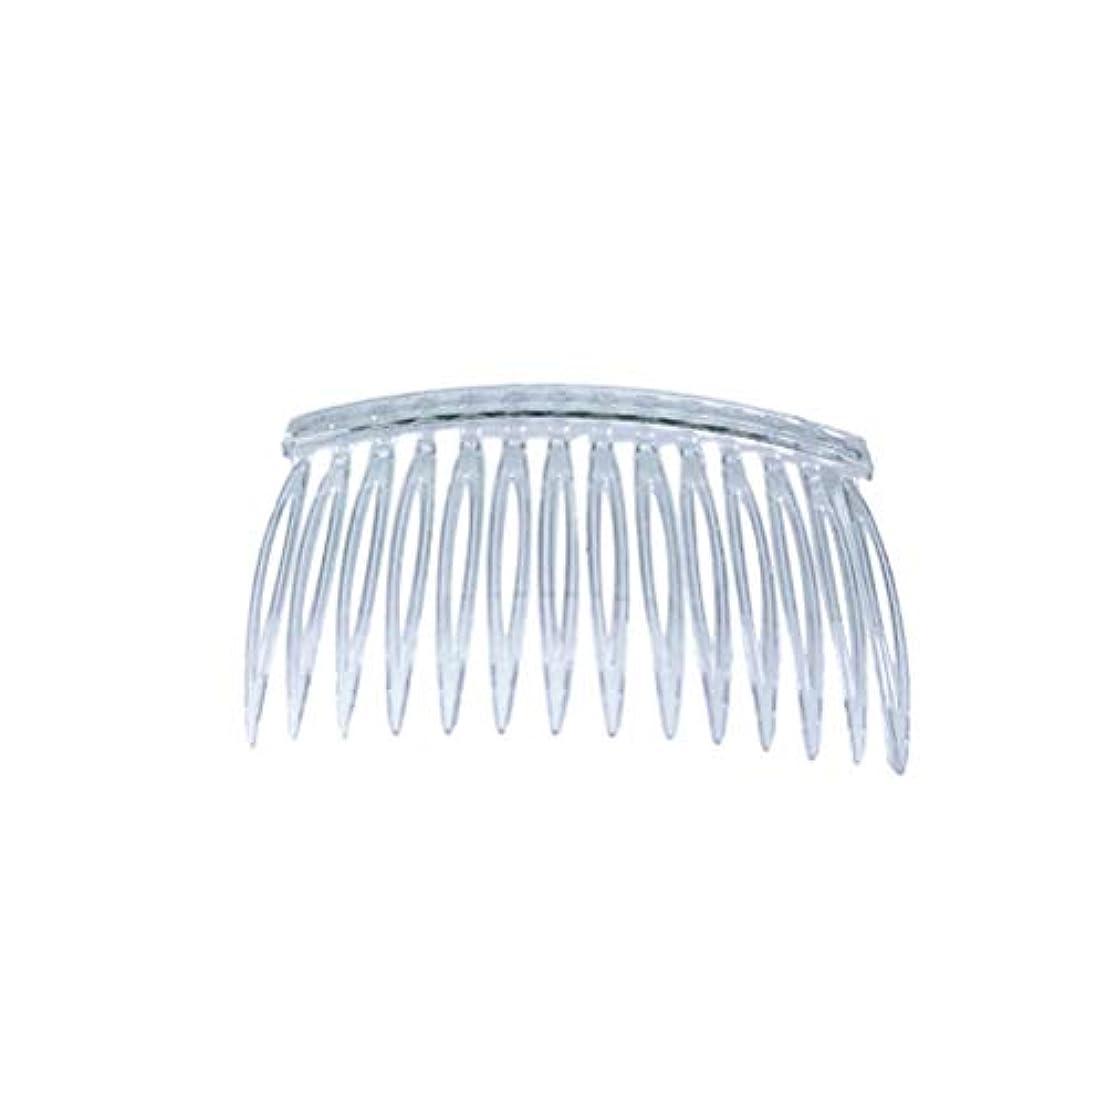 丘ステンレス出会いFrcolor ヘアコーム ヘアアレンジ コーム かんざし ヘッドドレス 髪の櫛 髪飾り ヘアアクセサリー まとめ髪 プラスチック 透明 10本セット